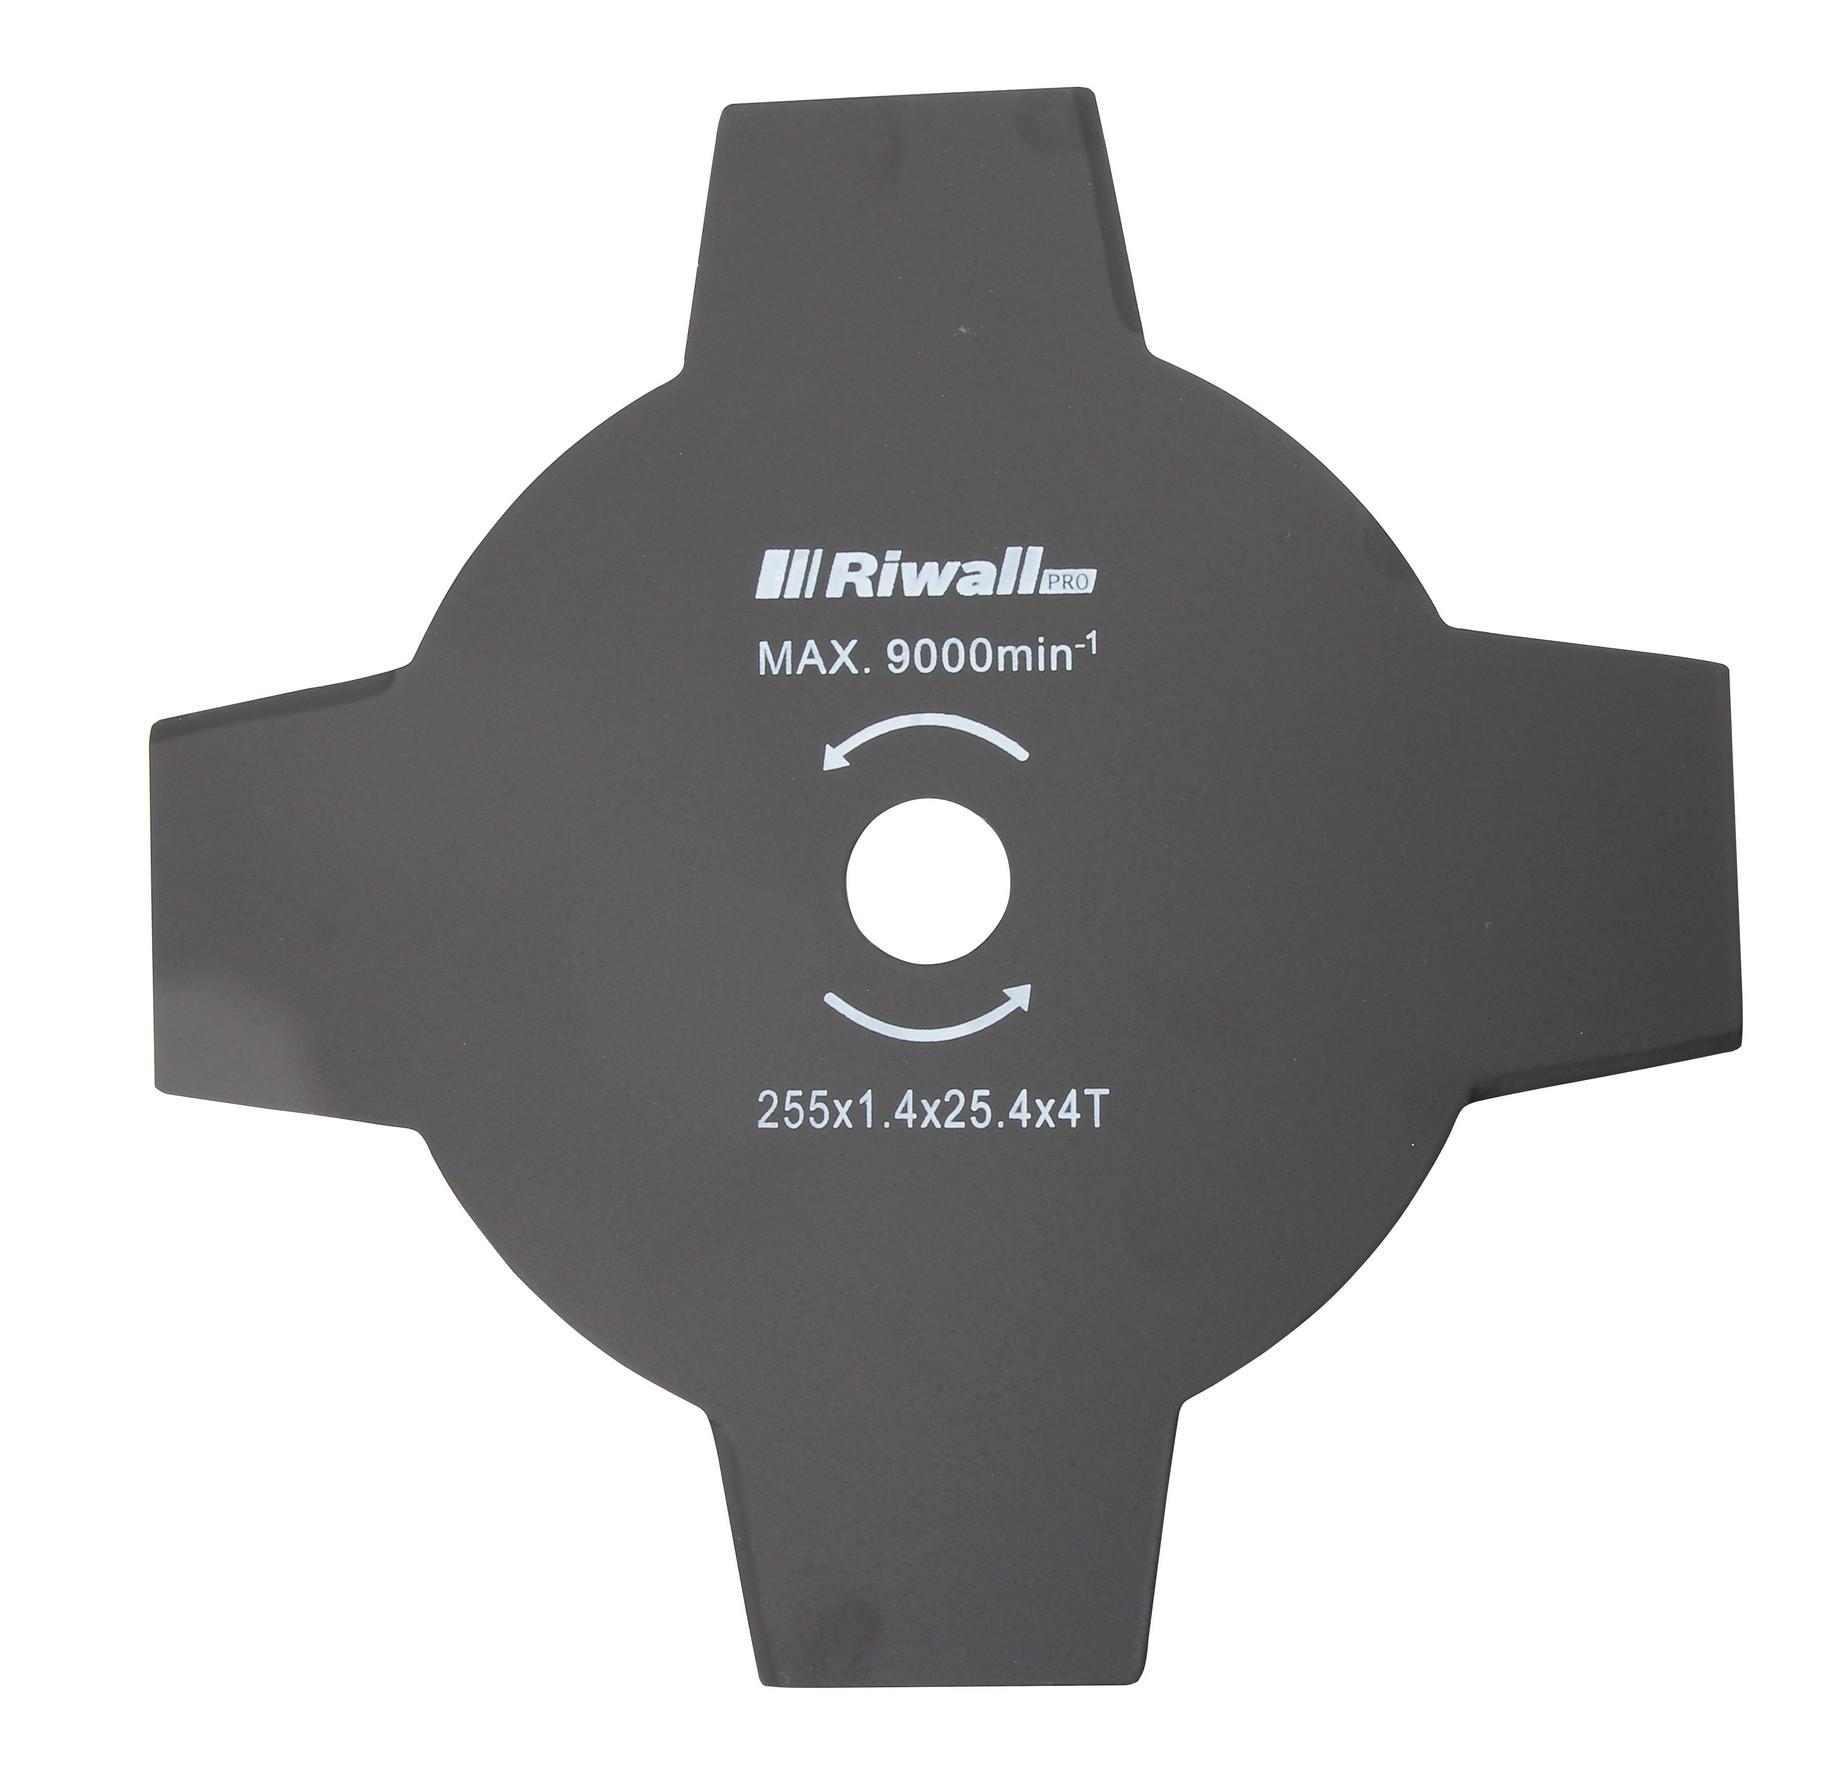 Riwall PRO Žací nůž čtyřzubý ke křovinořezu pr. 255mm, vnitřní průměr 25,4mm, tloušťka 1,4mm